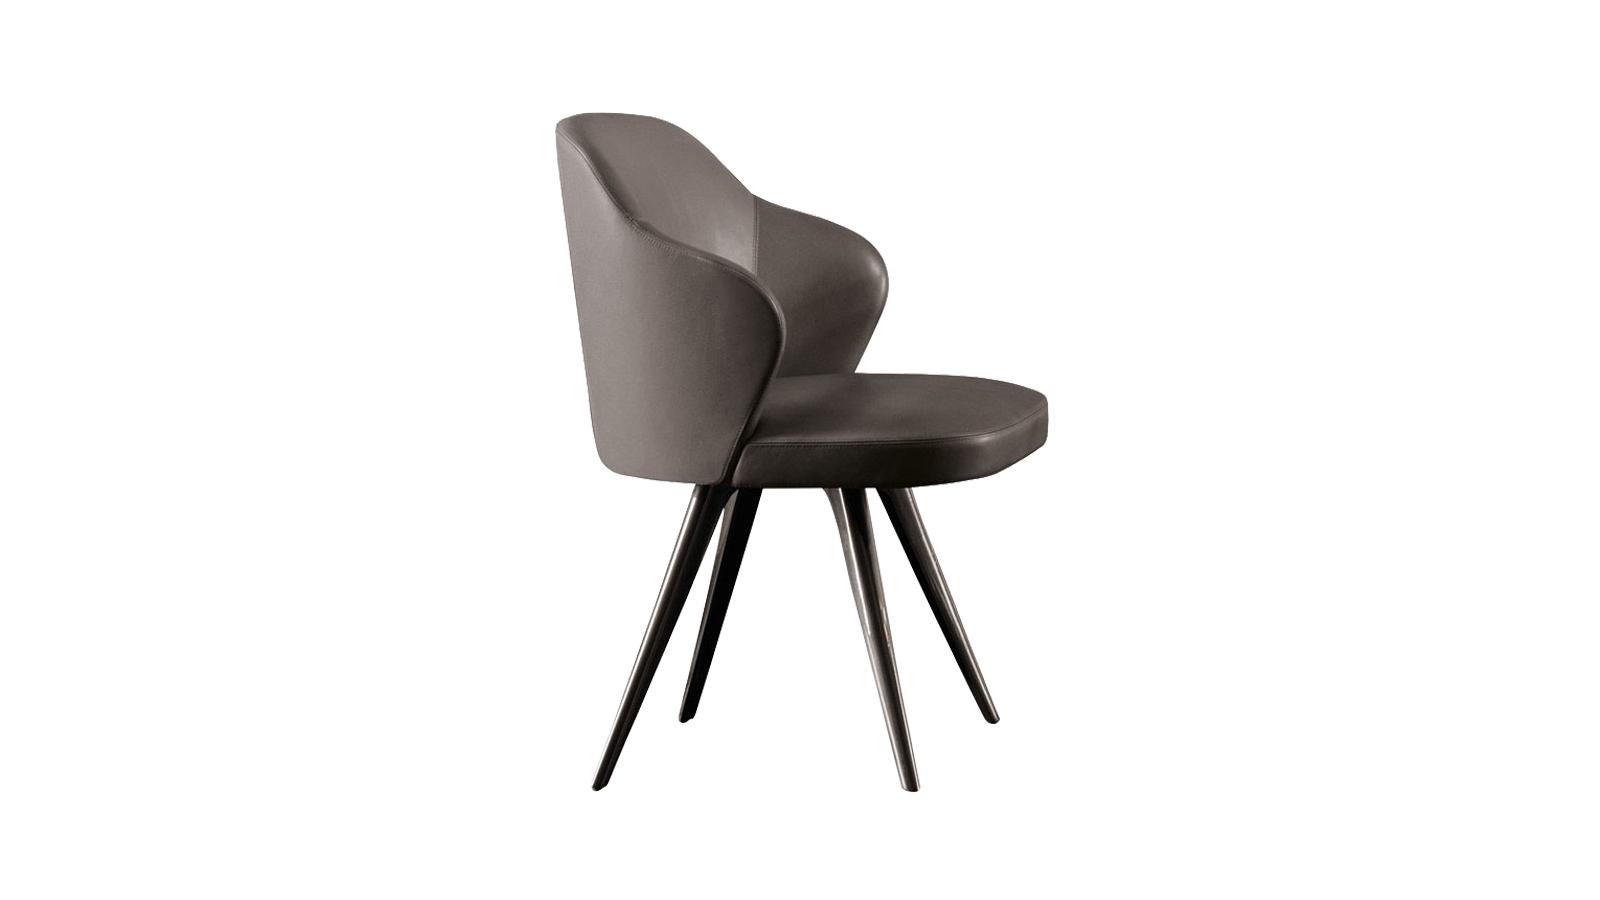 Felgyorsult világunk és zajos hétköznapjaink ellenszere a Leslie. Az intimitás és védelem érzetét nyújtó fotelcsalád a formális elegancia és a hívogató családiasság kombinációja. Megkülönböztető jellemzői a pontos arányok és a testre szabott felépítés, amely az ergonomikus formák és a kárpitozás magas minőségében is megmutatkozik. Kifinomult eleganciájának hála irodai, showroom és otthoni környezetben is betölti funkcióját.